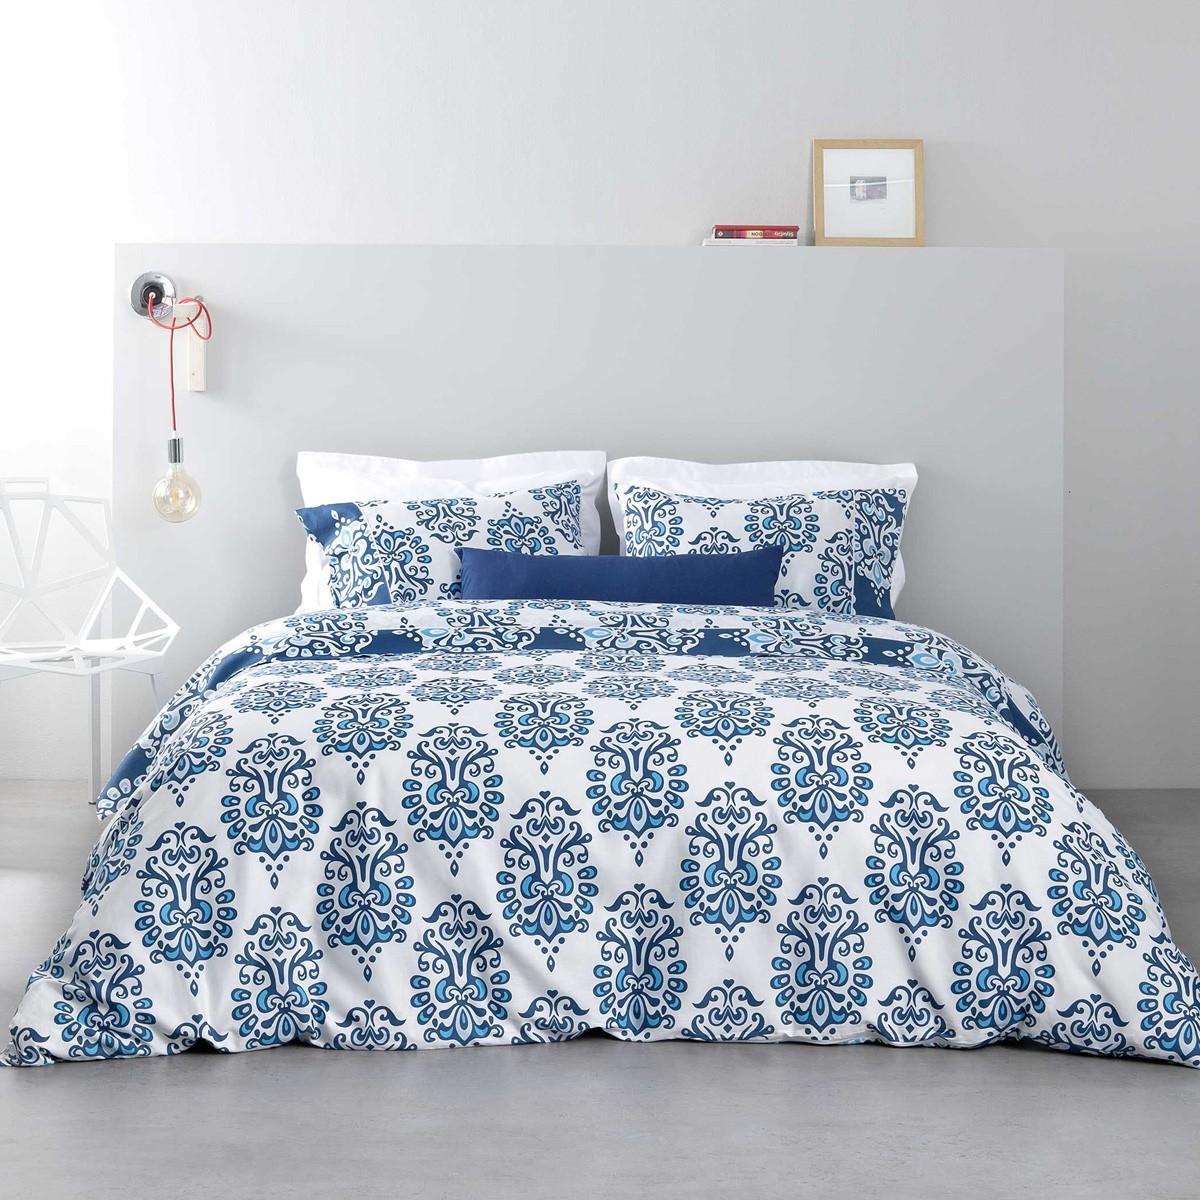 Σεντόνια Υπέρδιπλα (Σετ) Nima Bed Linen Ariadne Blue